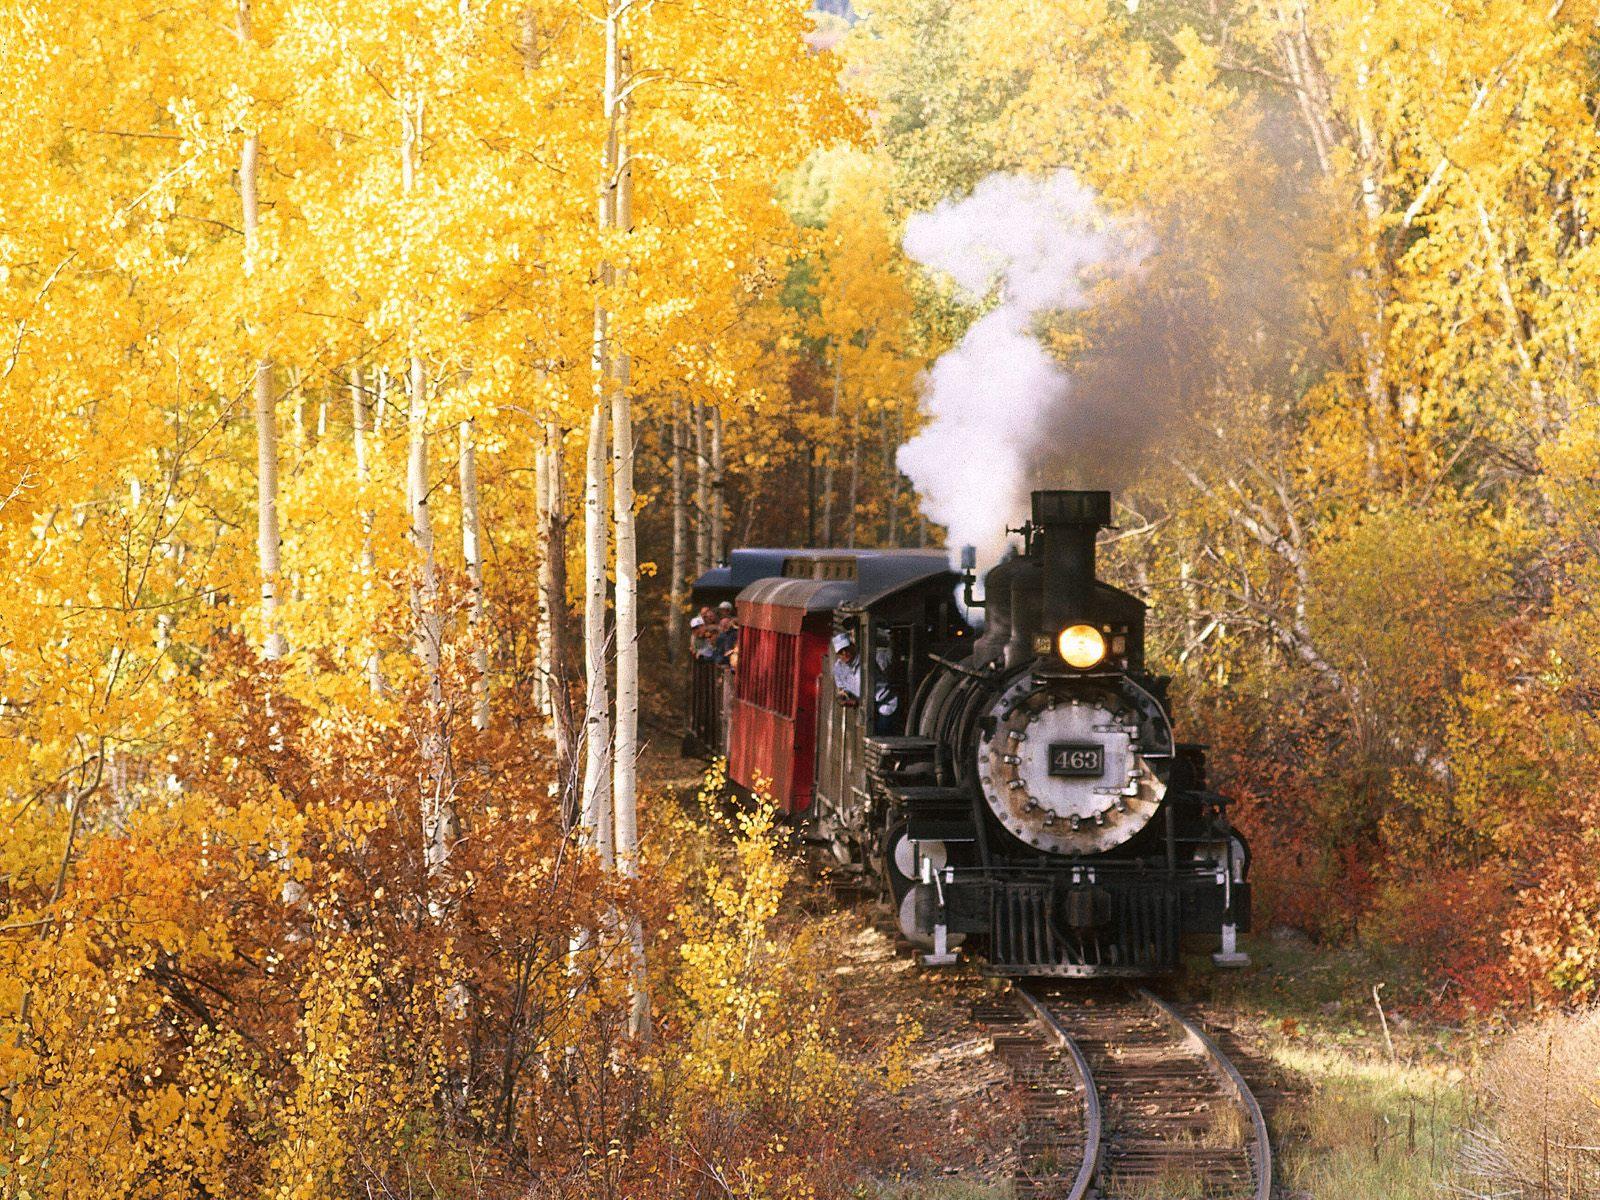 Desktop wallpaper downloads Cumbres Toltec Scenic Railroad New Mexico 1600x1200